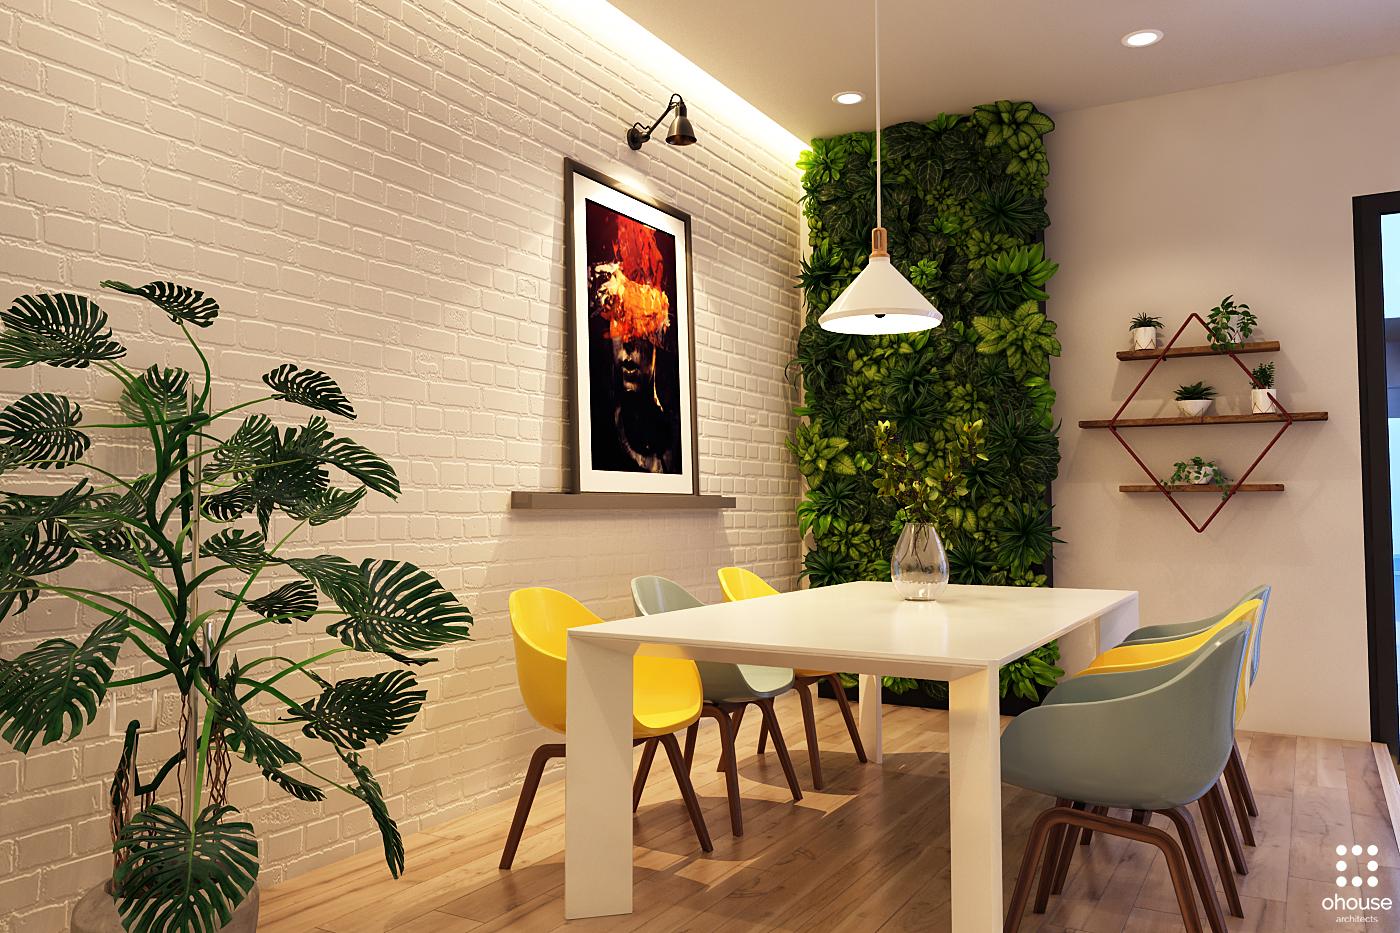 Thiết kế nội thất Nhà Mặt Phố tại Hồ Chí Minh Nội thất Nhà Phố Hà Đô 1590593208 6